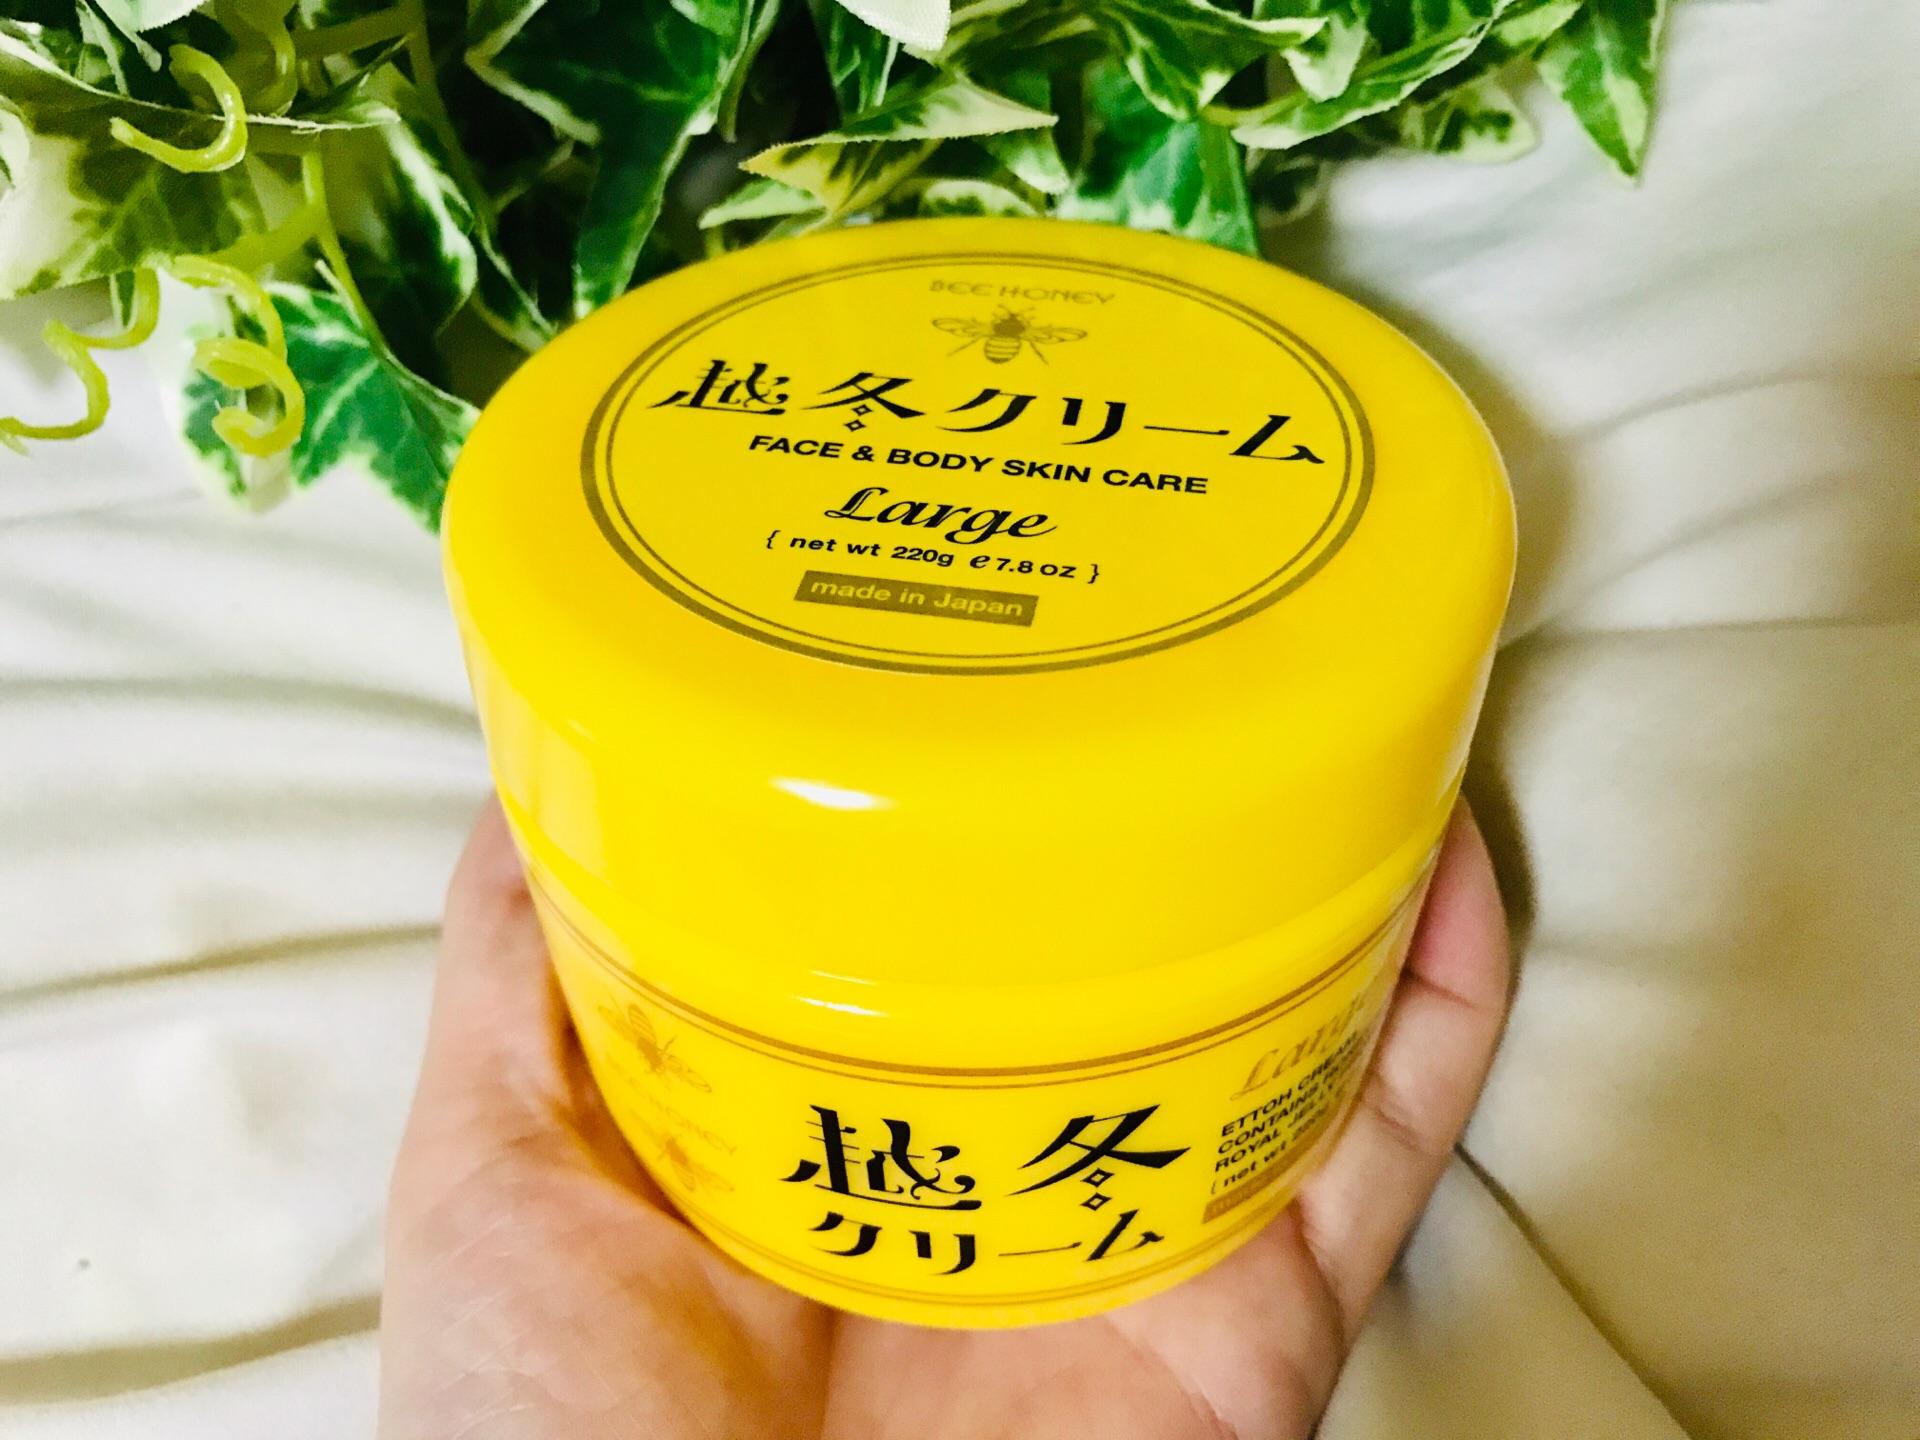 コスメオタもリピ買い!【越冬クリーム】がやばい。香りも伸びも保湿力も抜群!!_1